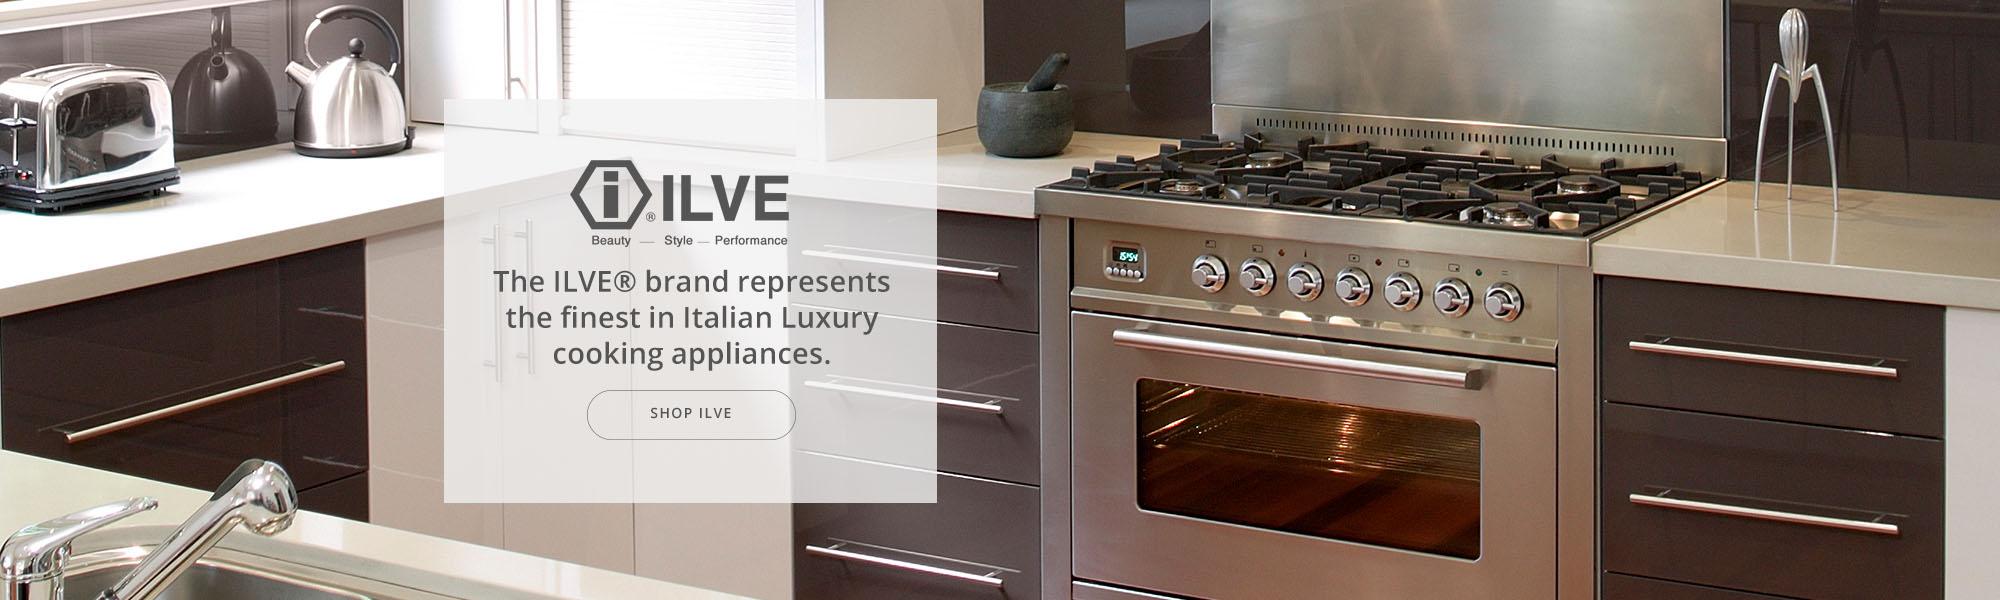 LLVE Appliances